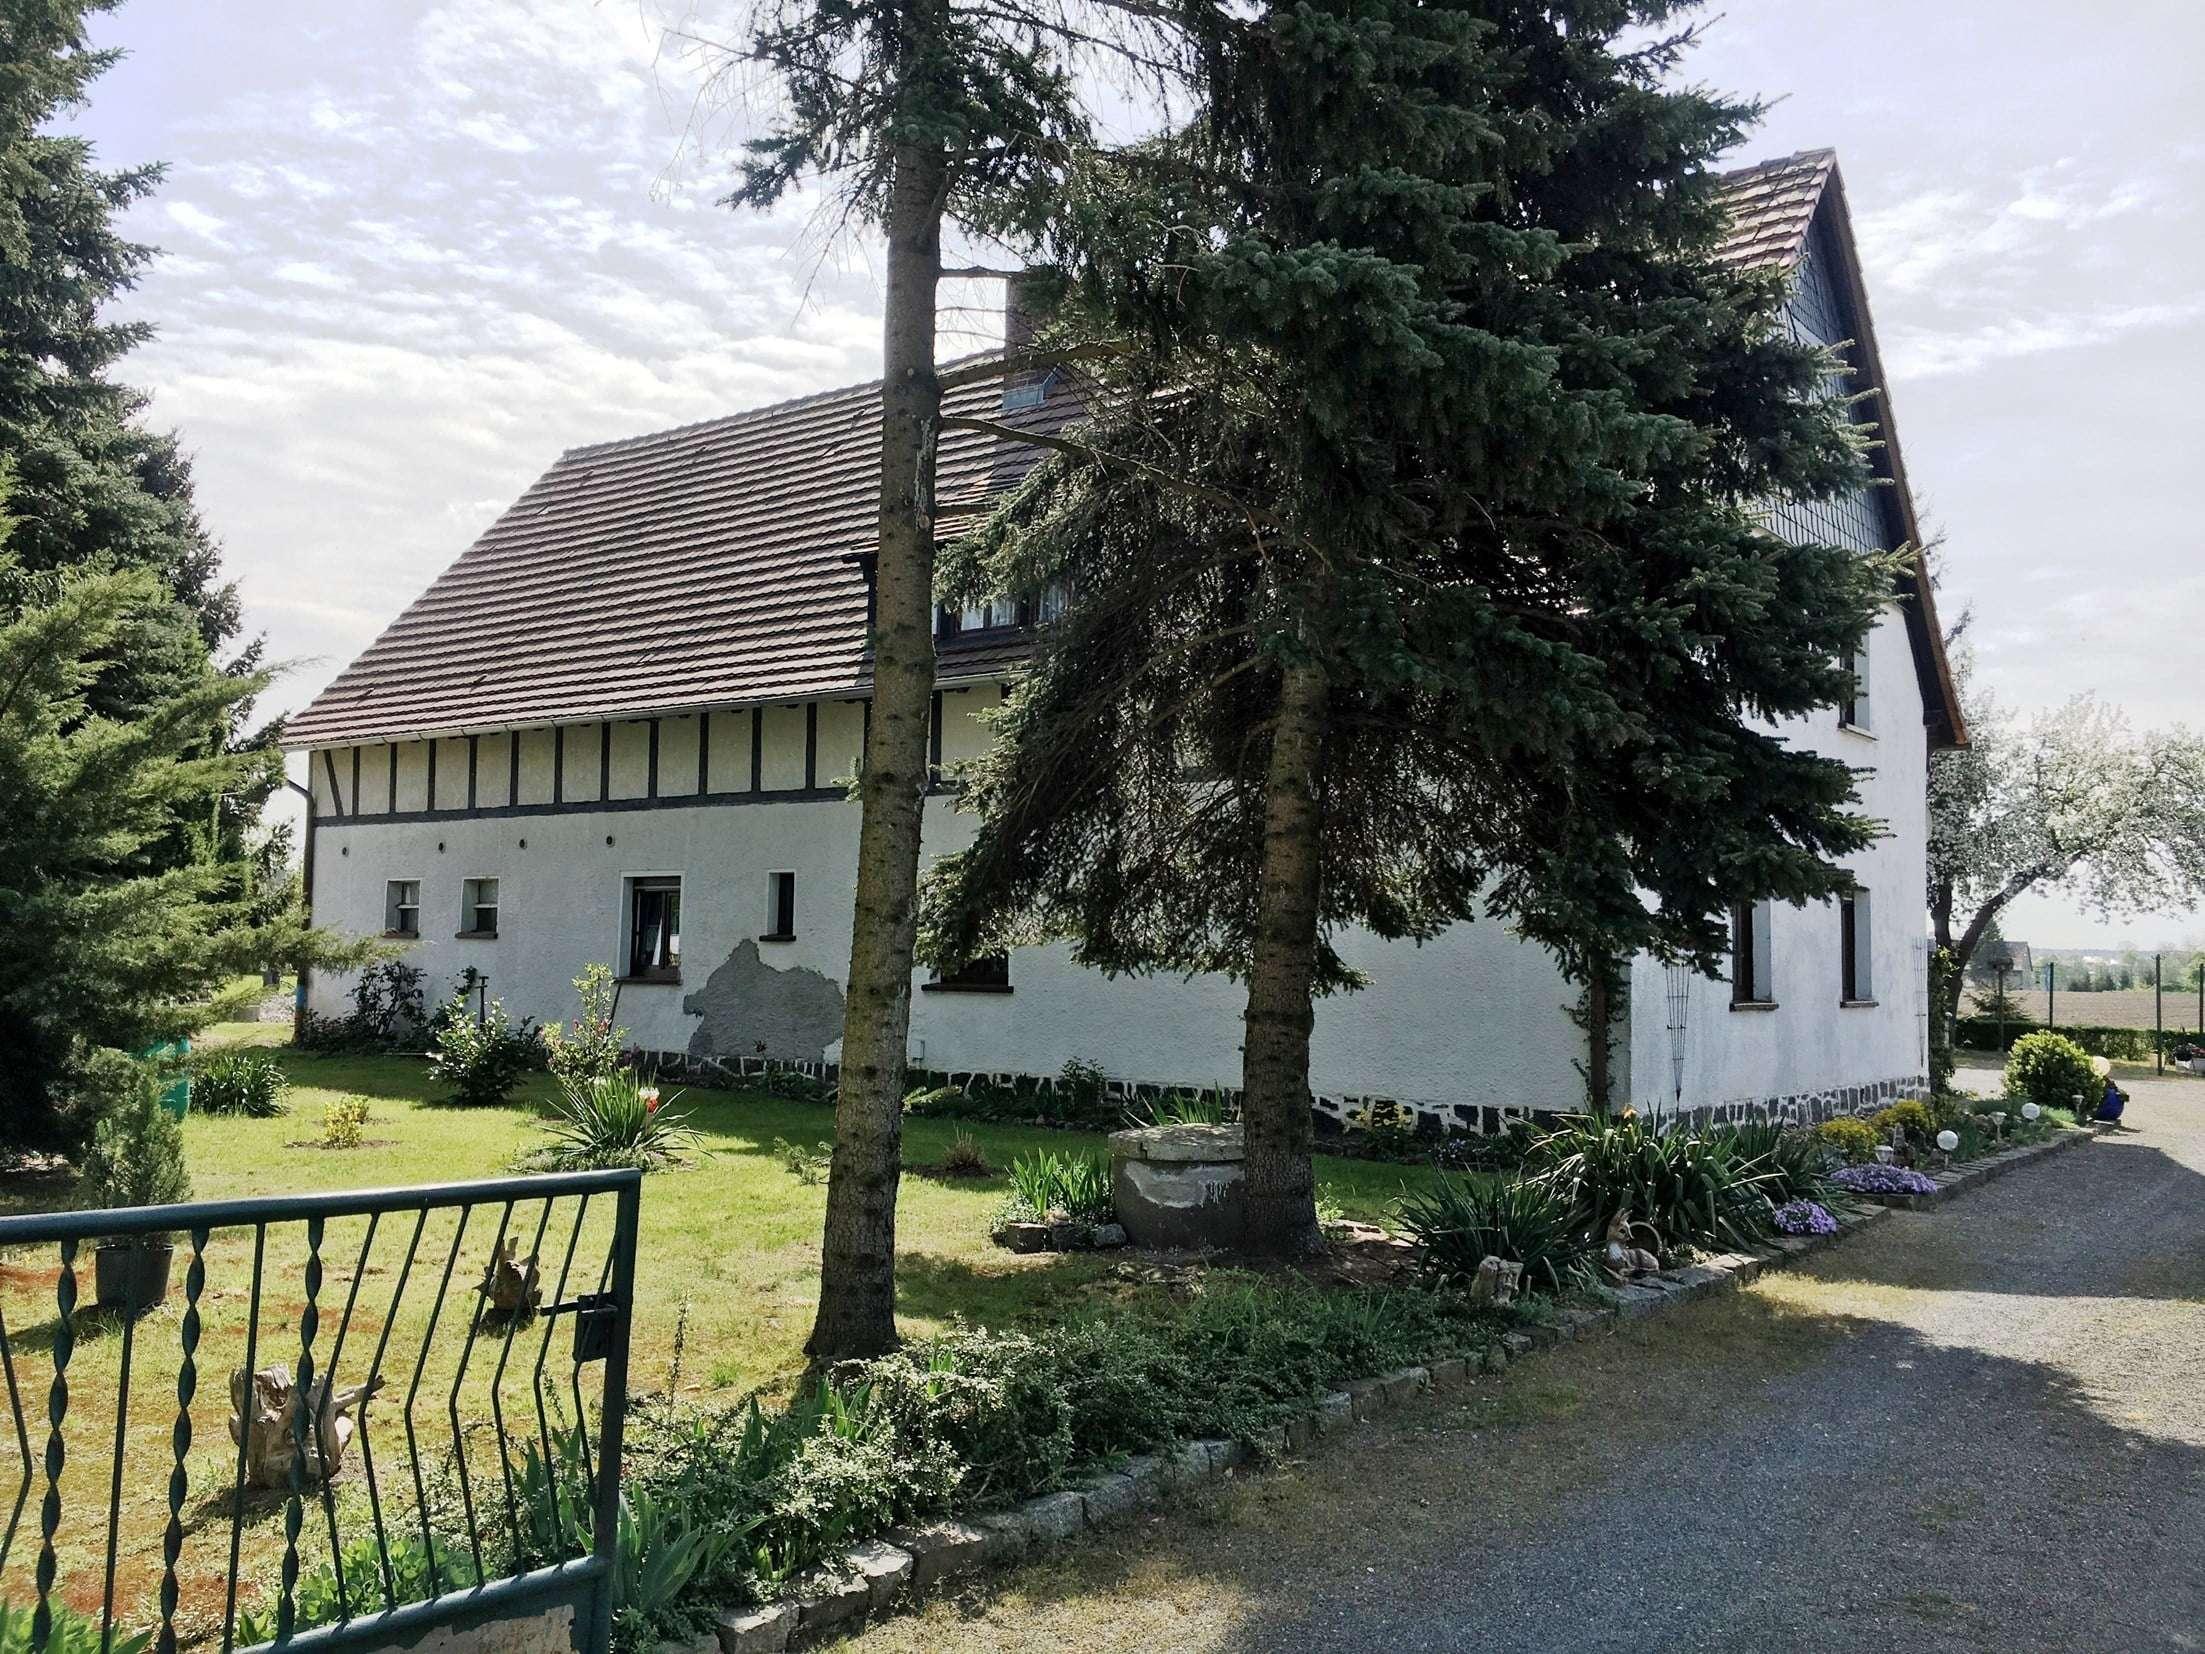 Ehemaliger kleiner Bauernhof in ruhiger Ortsrandlage - Haus zum Kauf in Thiendorf